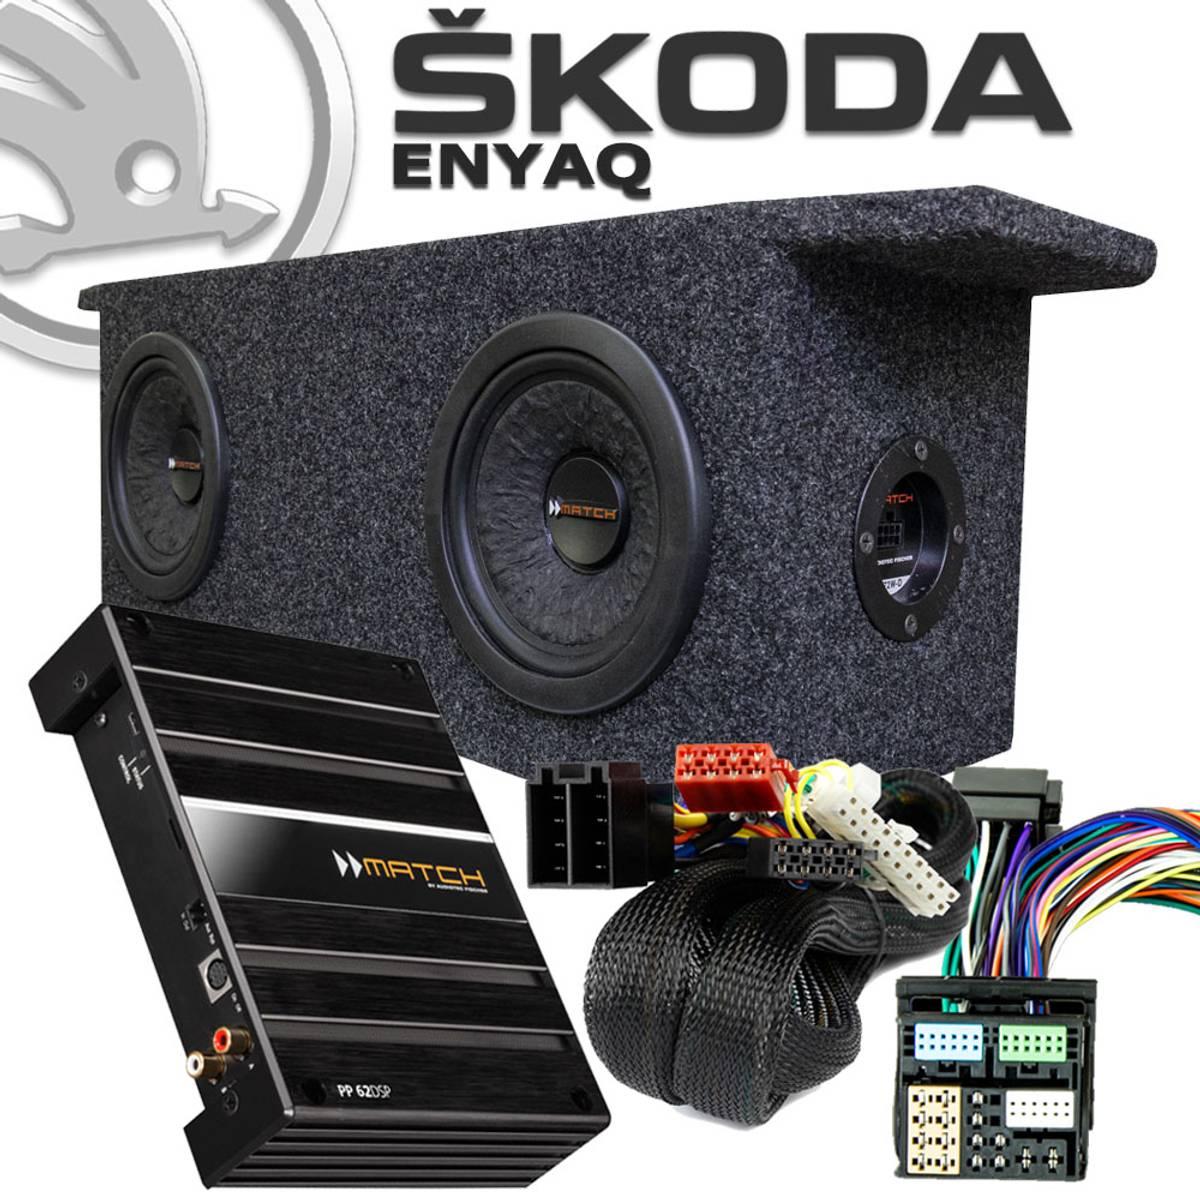 Oppgraderingspakke Skoda Enyaq